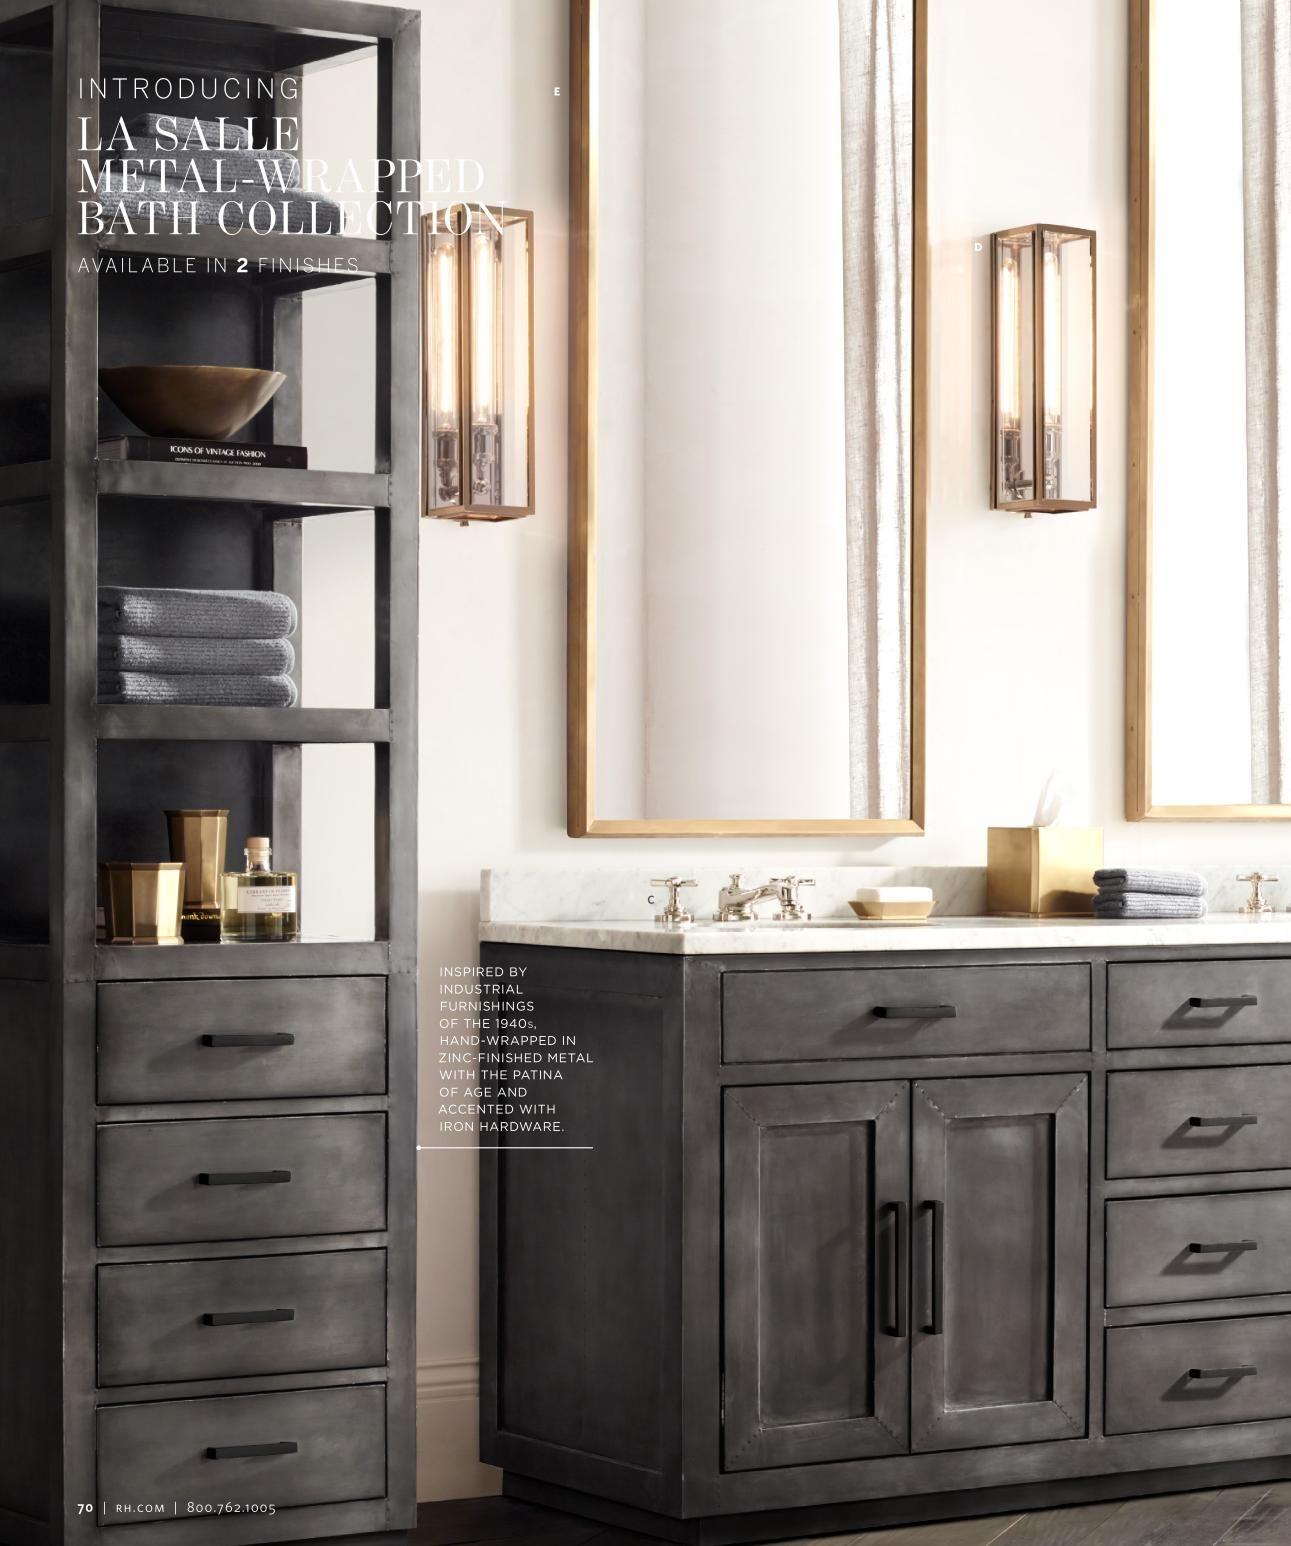 403 Forbidden Bathrooms Remodel Bathroom Design Black Bathroom Decorating Styles